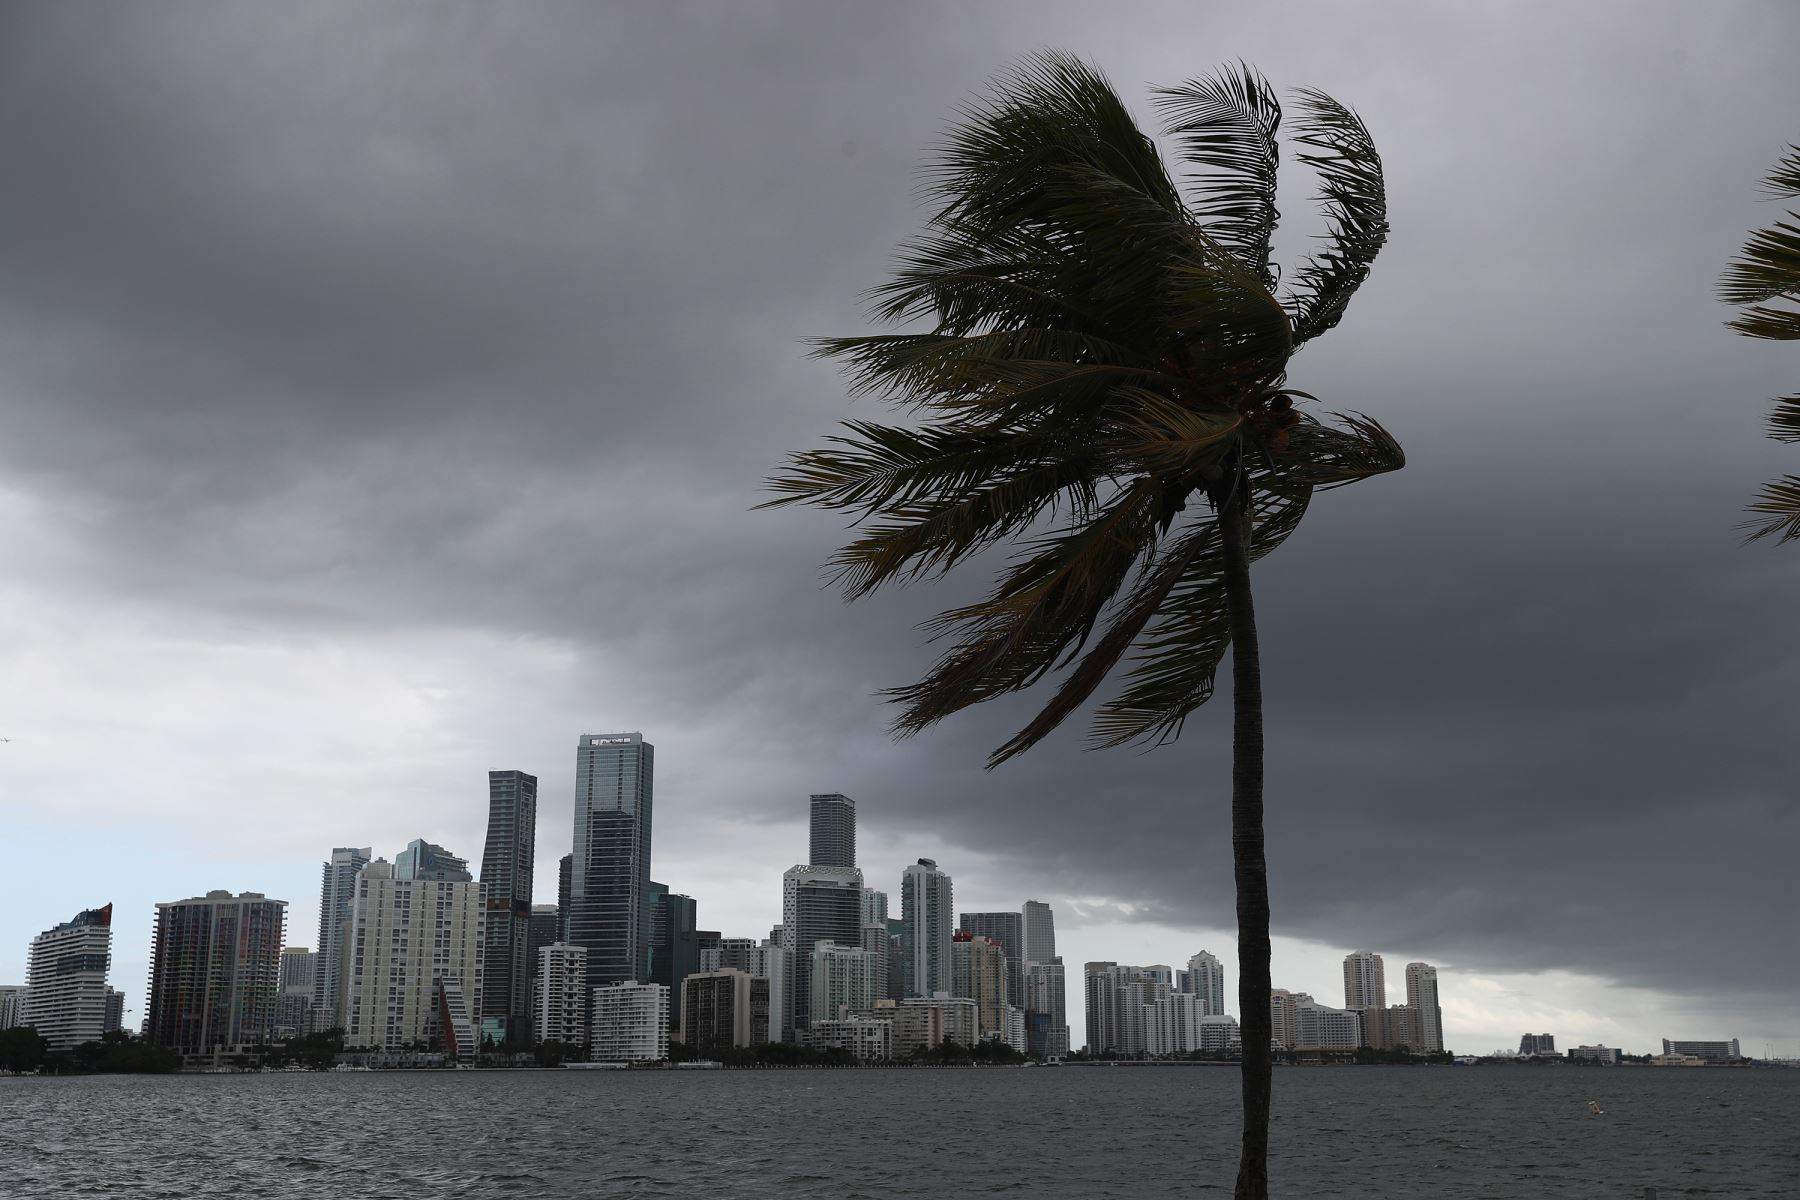 Se observan nubes de tormenta sobre la ciudad de Miami, Florida, cuando el huracán Isaias se acerca a la costa. Foto: AFP